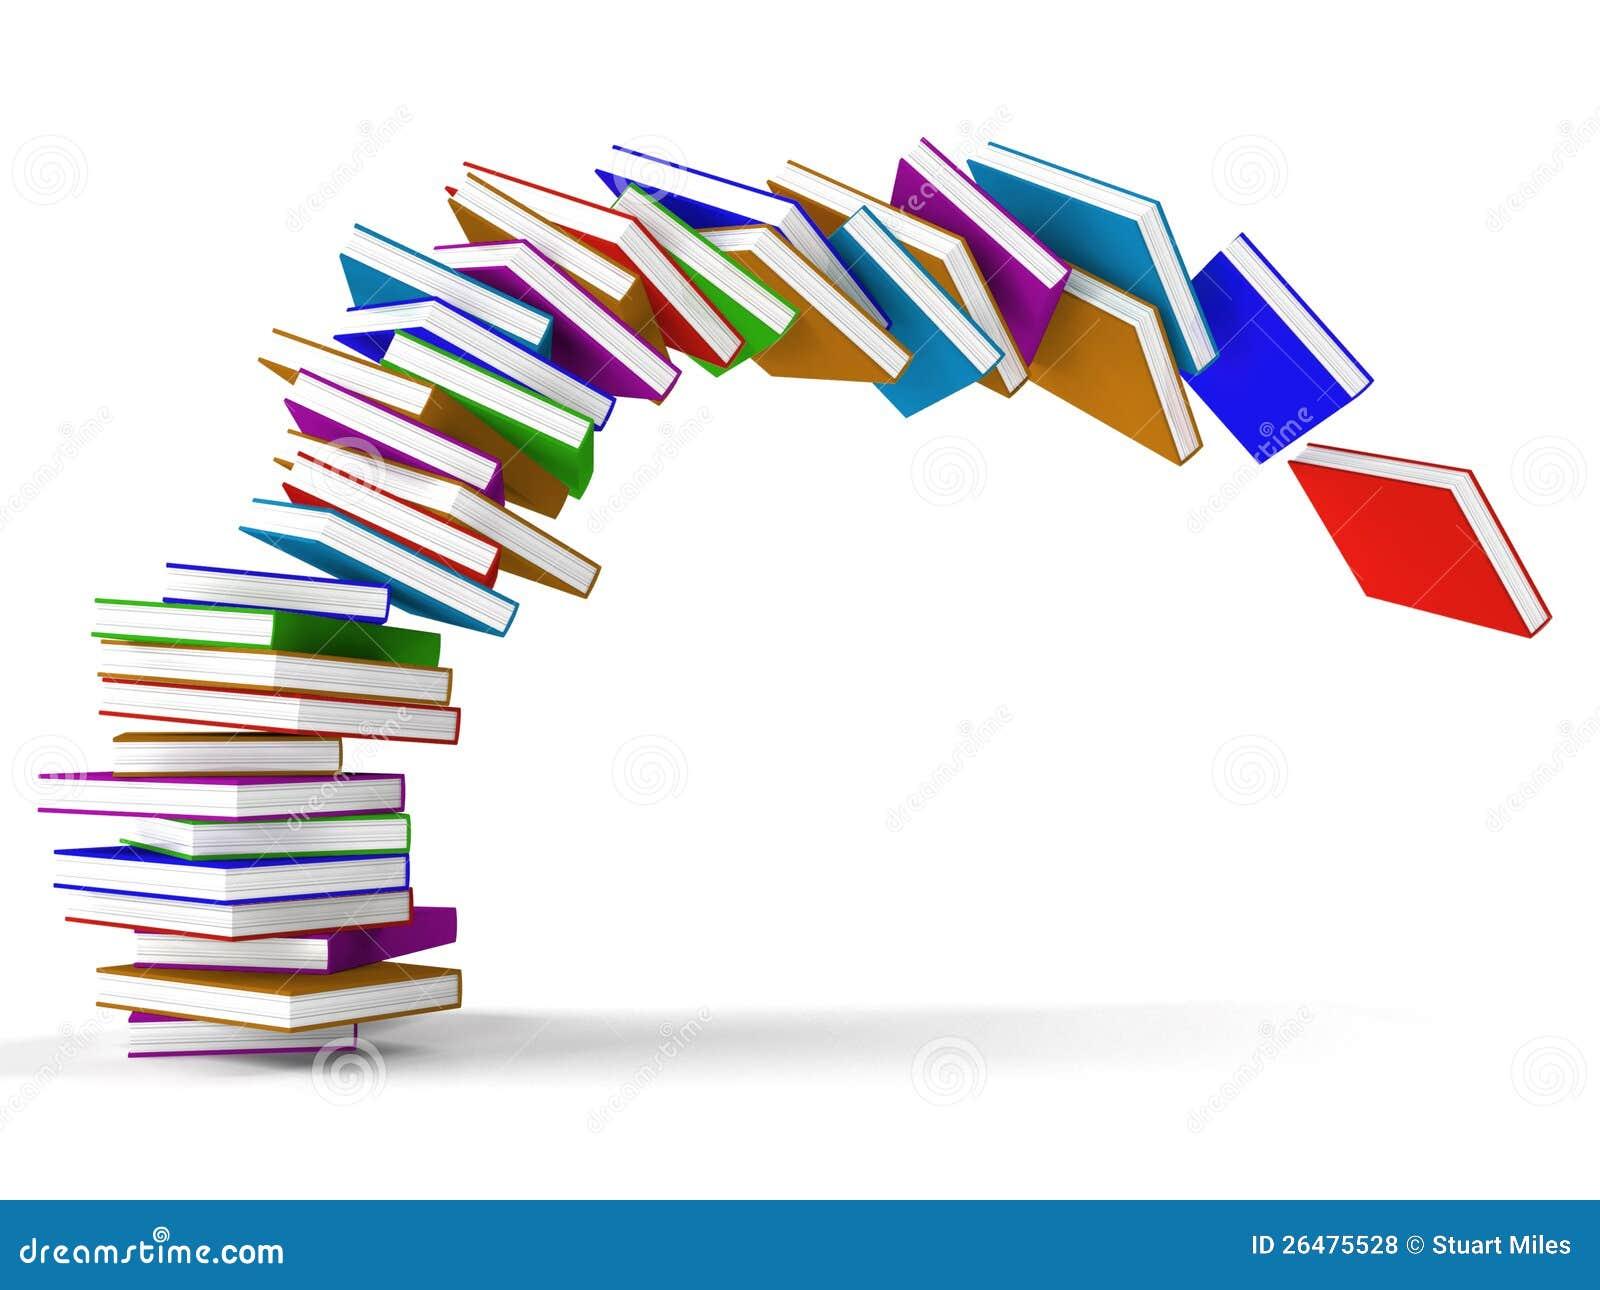 clip art books library